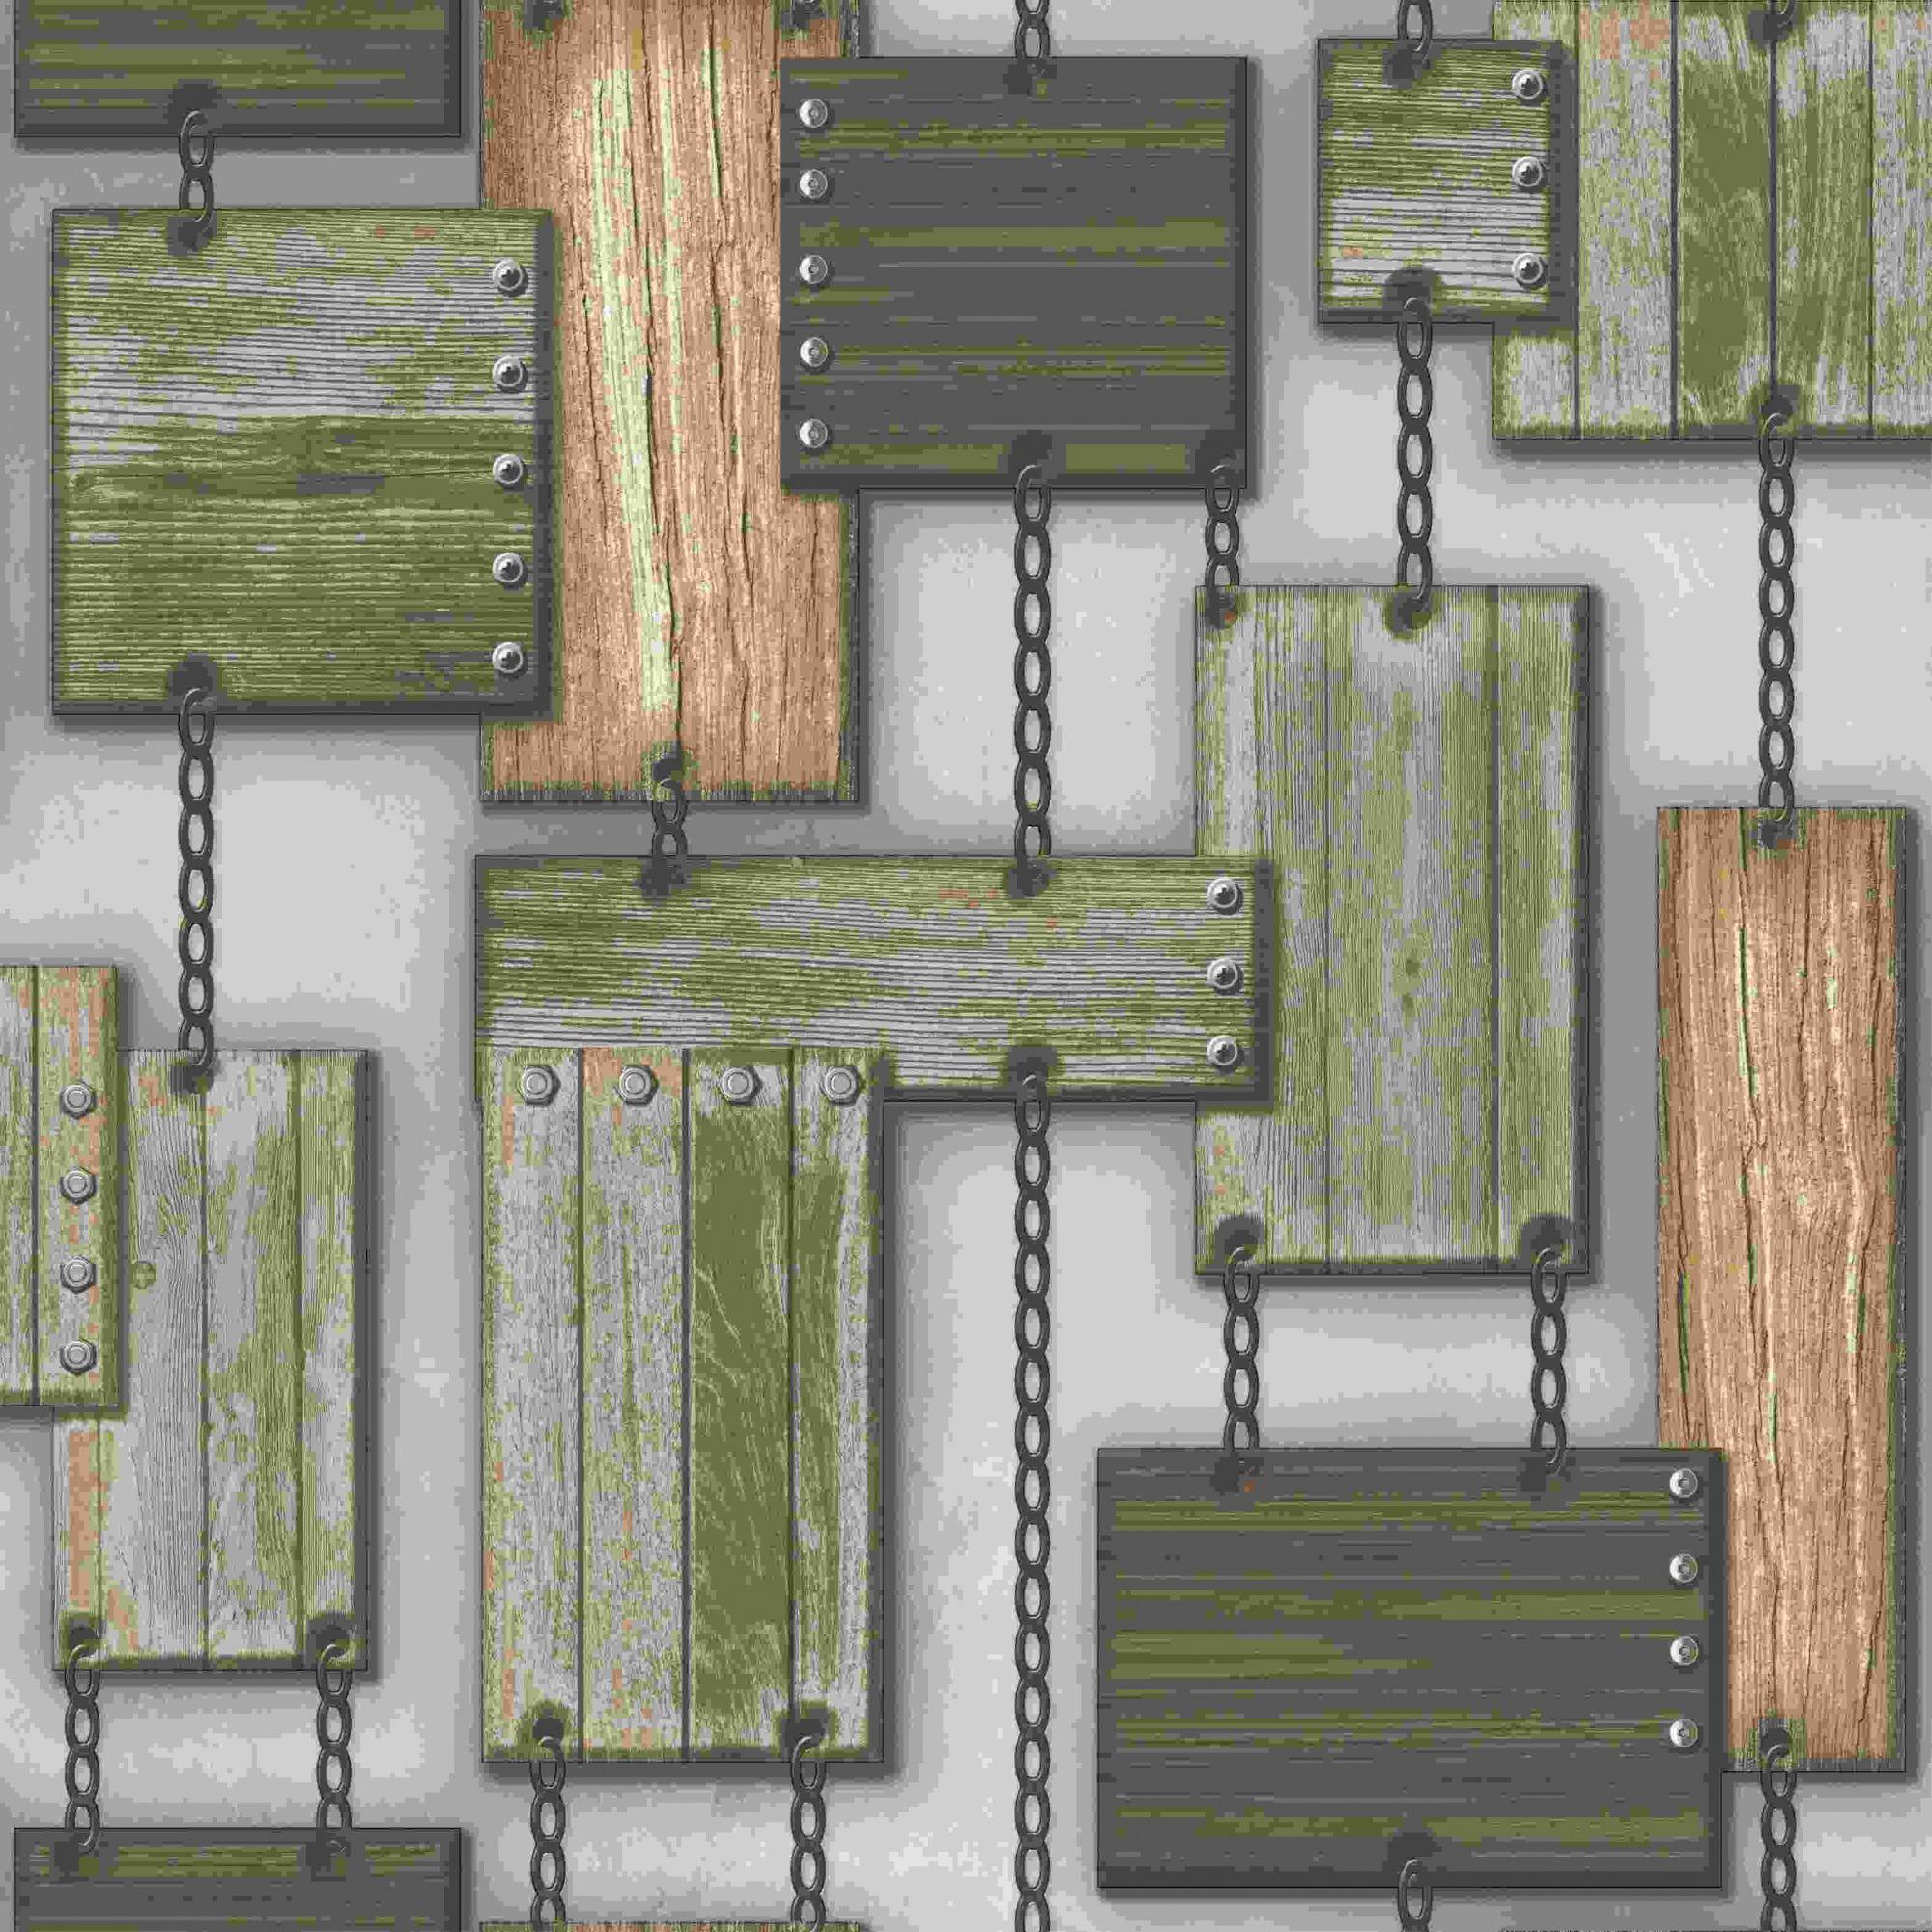 Papel de Parede Kan Tai Vinílico Coleção Neonature 5 Formas madeira cinza, Marrom, Bege